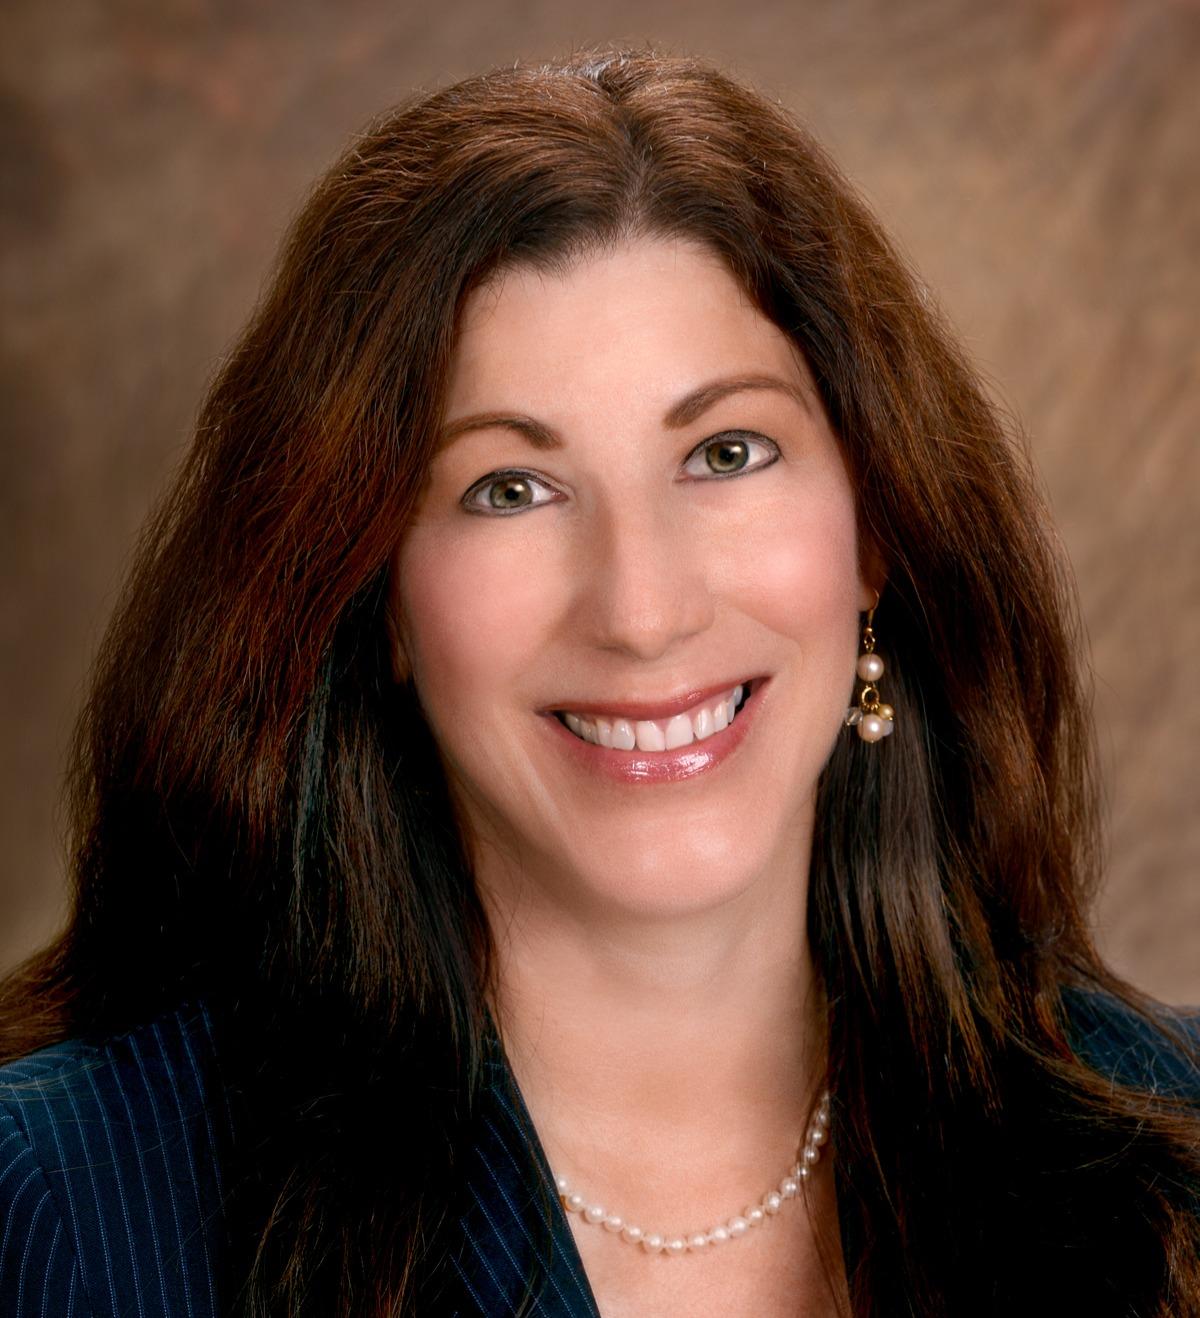 Laura D. Ruccolo's Profile Image